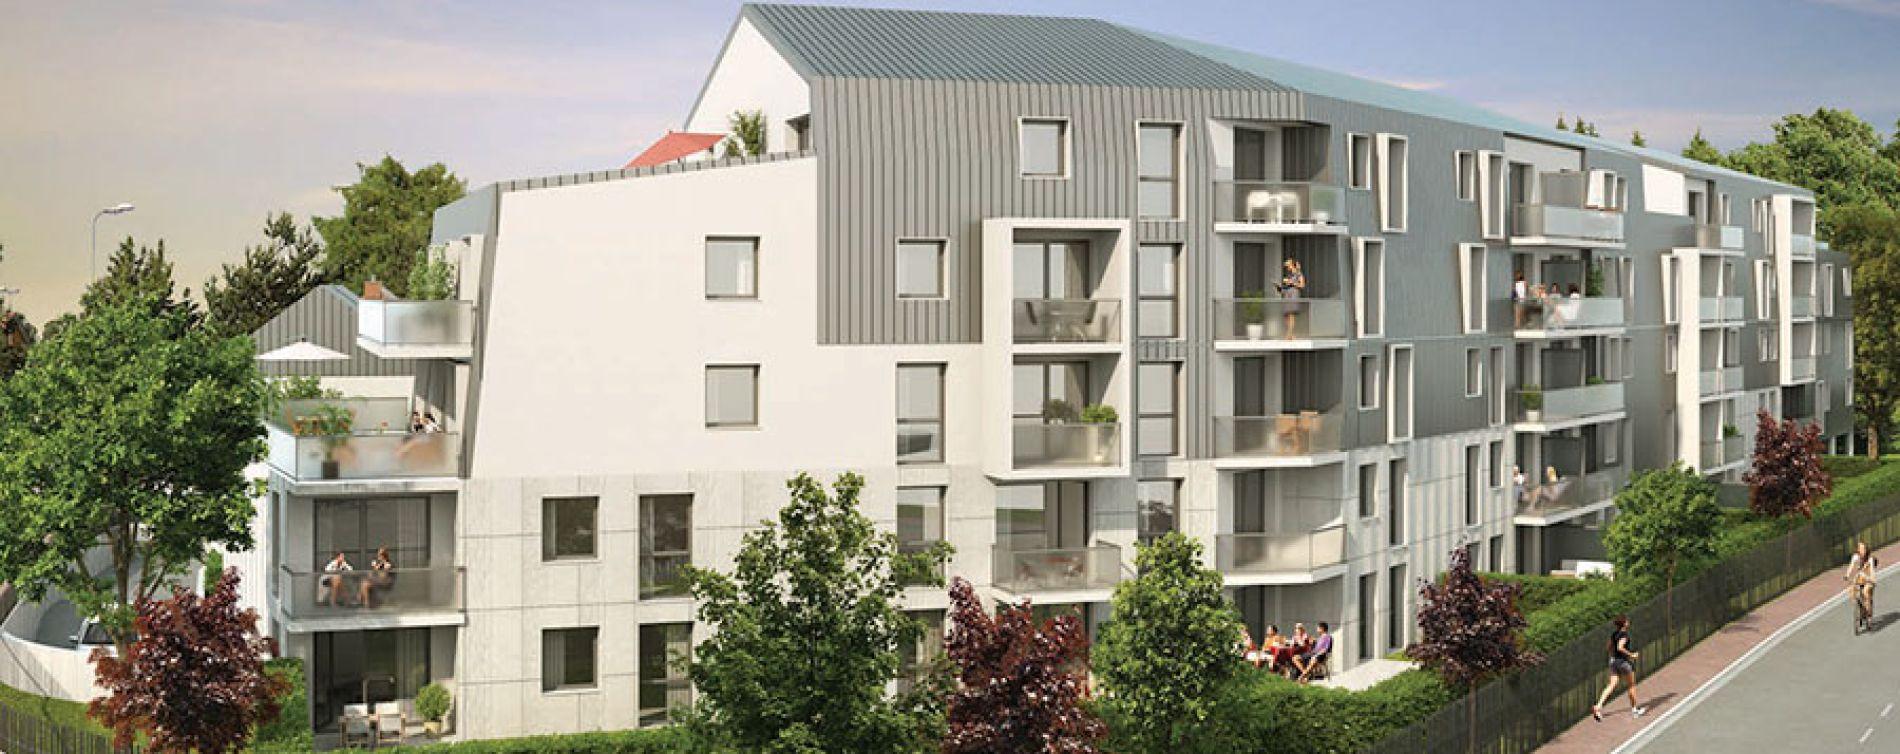 Roncq : programme immobilier neuve « Clos Margaux »